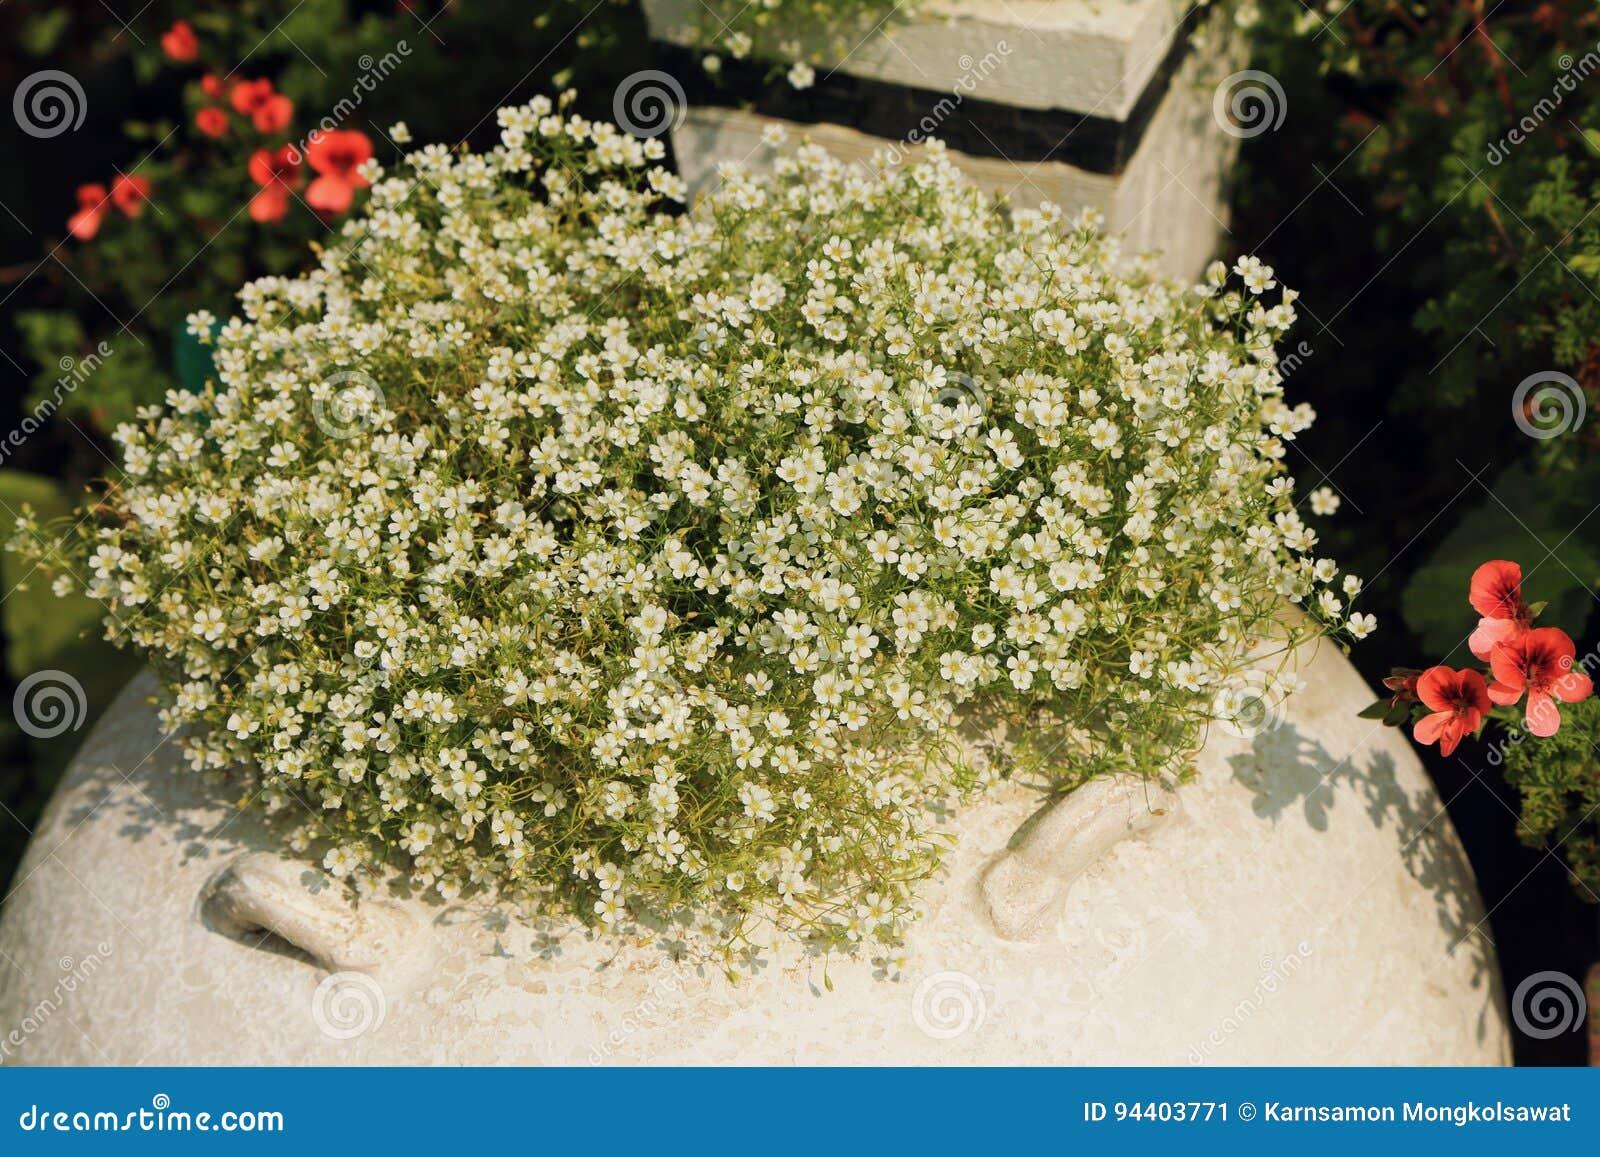 Decorazione Vasi Da Giardino : Bush di piccoli fiori bianchi in vaso da fiori decorato in